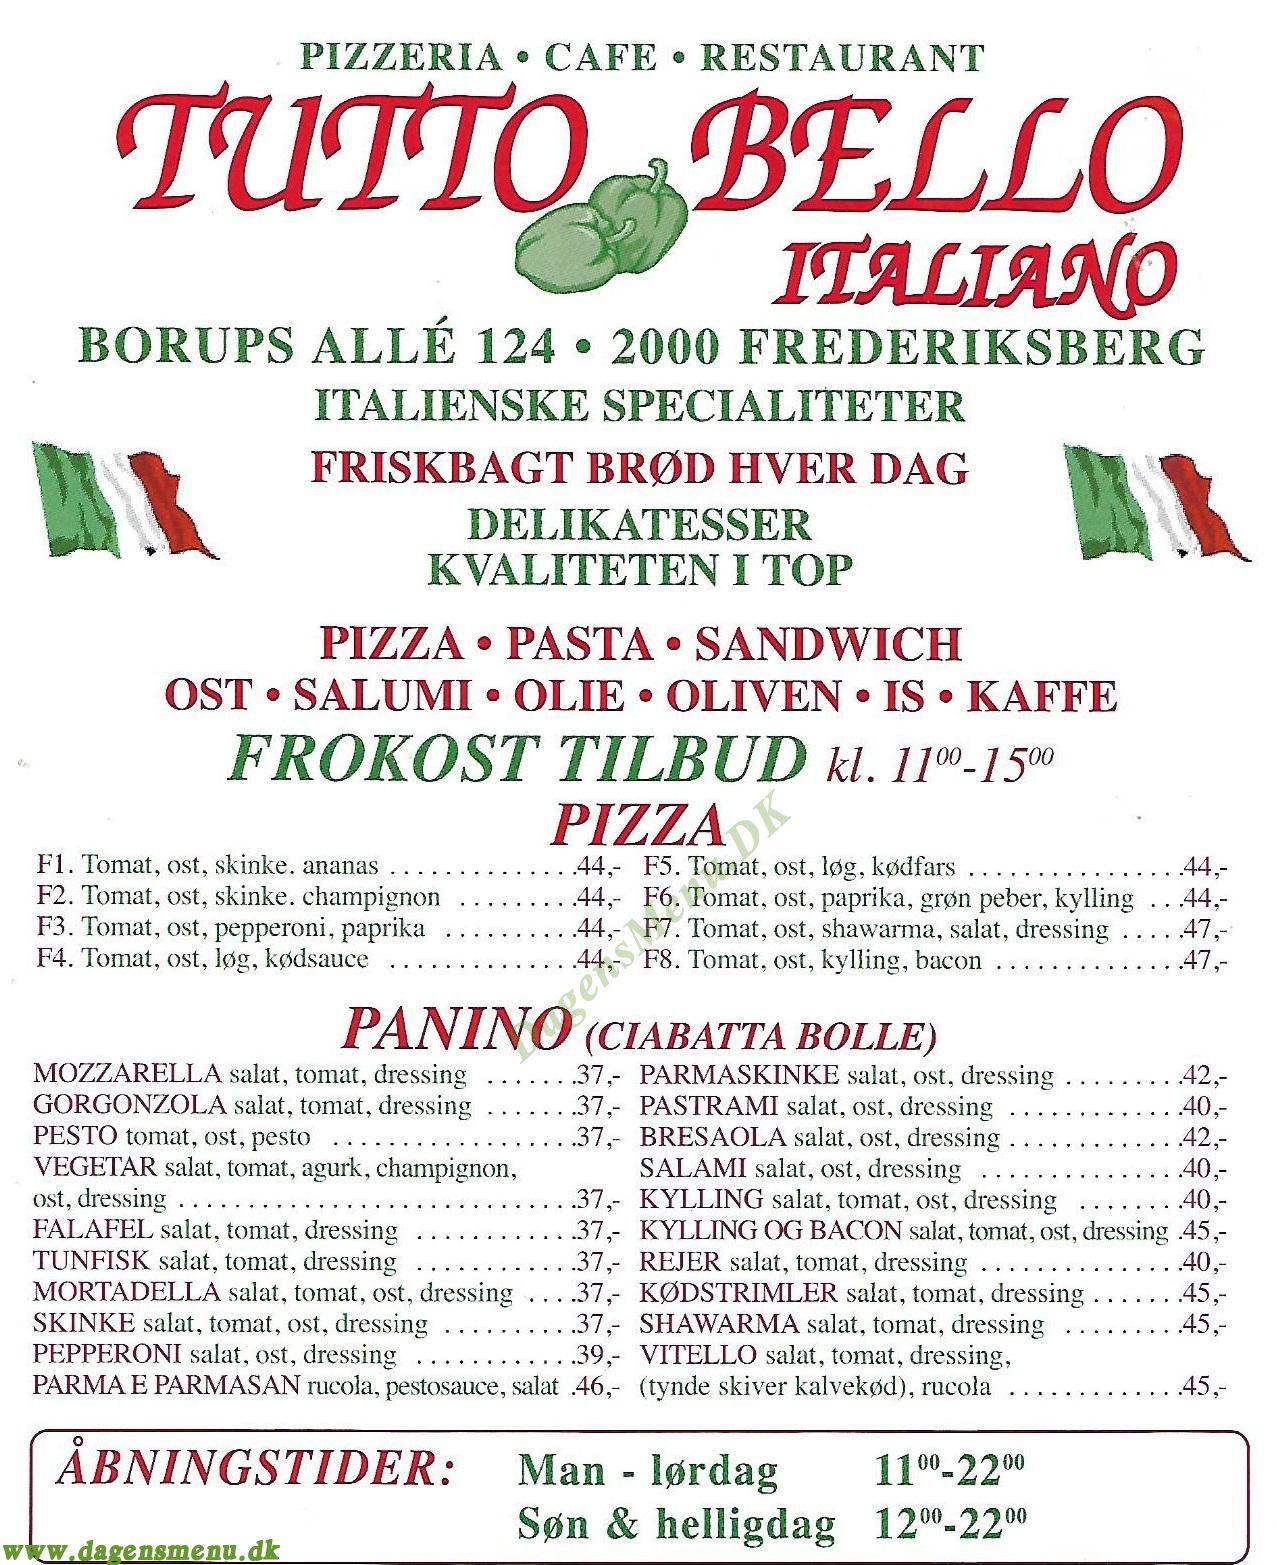 Tutto Bello Italiano - Menukort